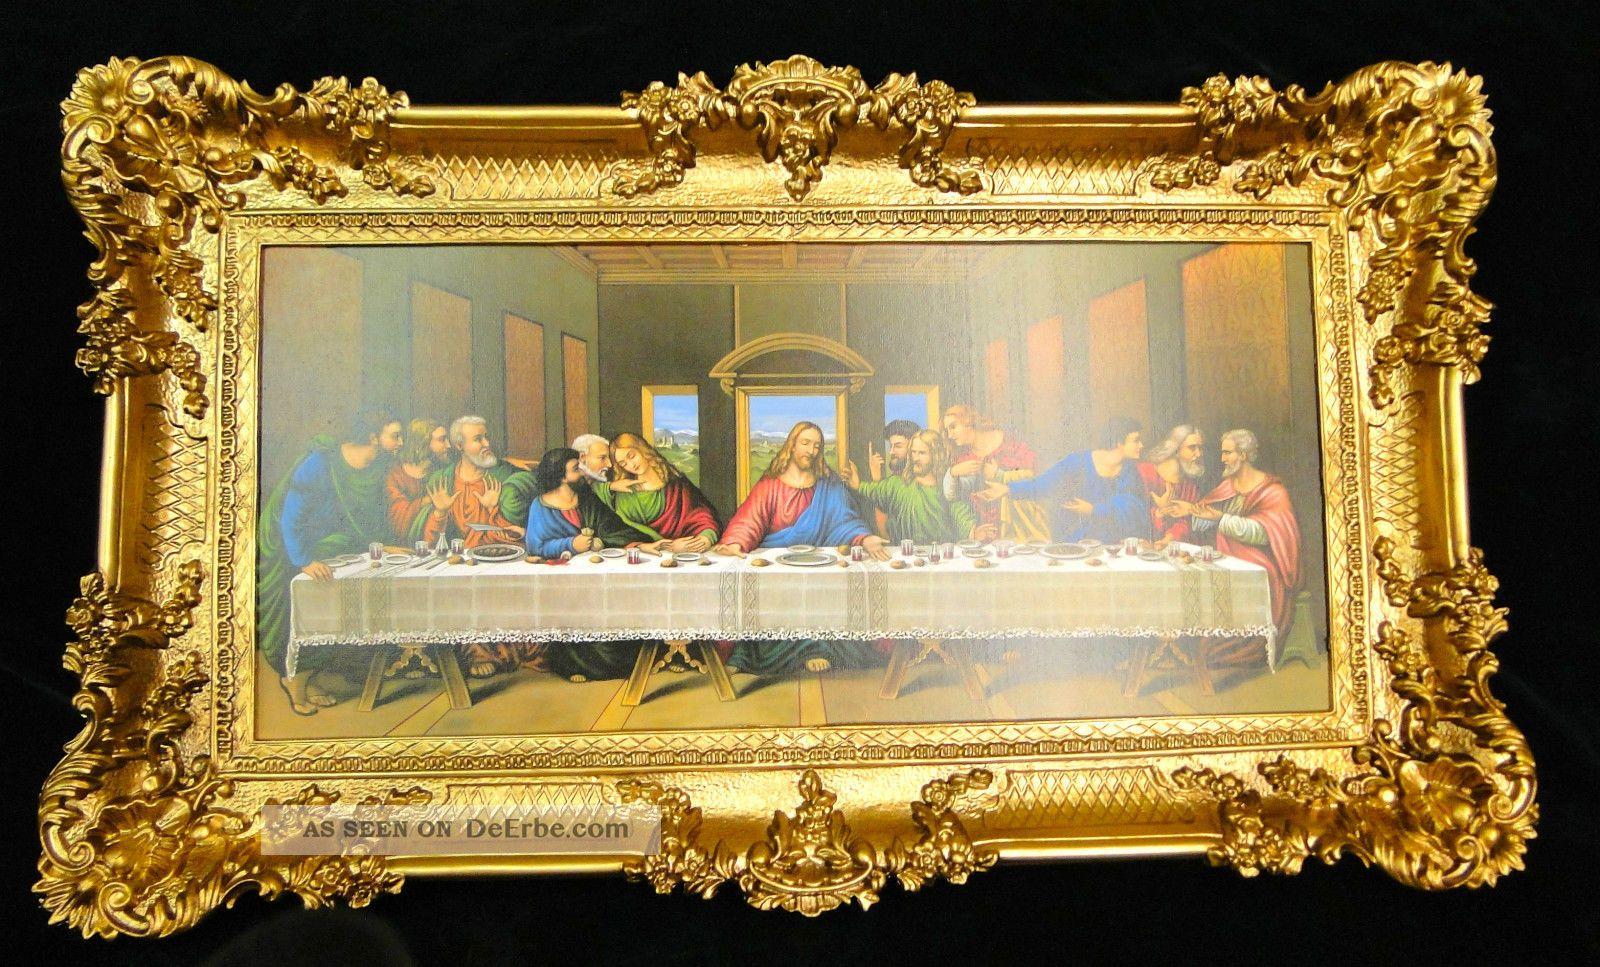 Heiligenbilder Abendmal Ikonen 96x57 Gemälde Mit Rahmen Jesusbild Da Vinci Ikonen Bild